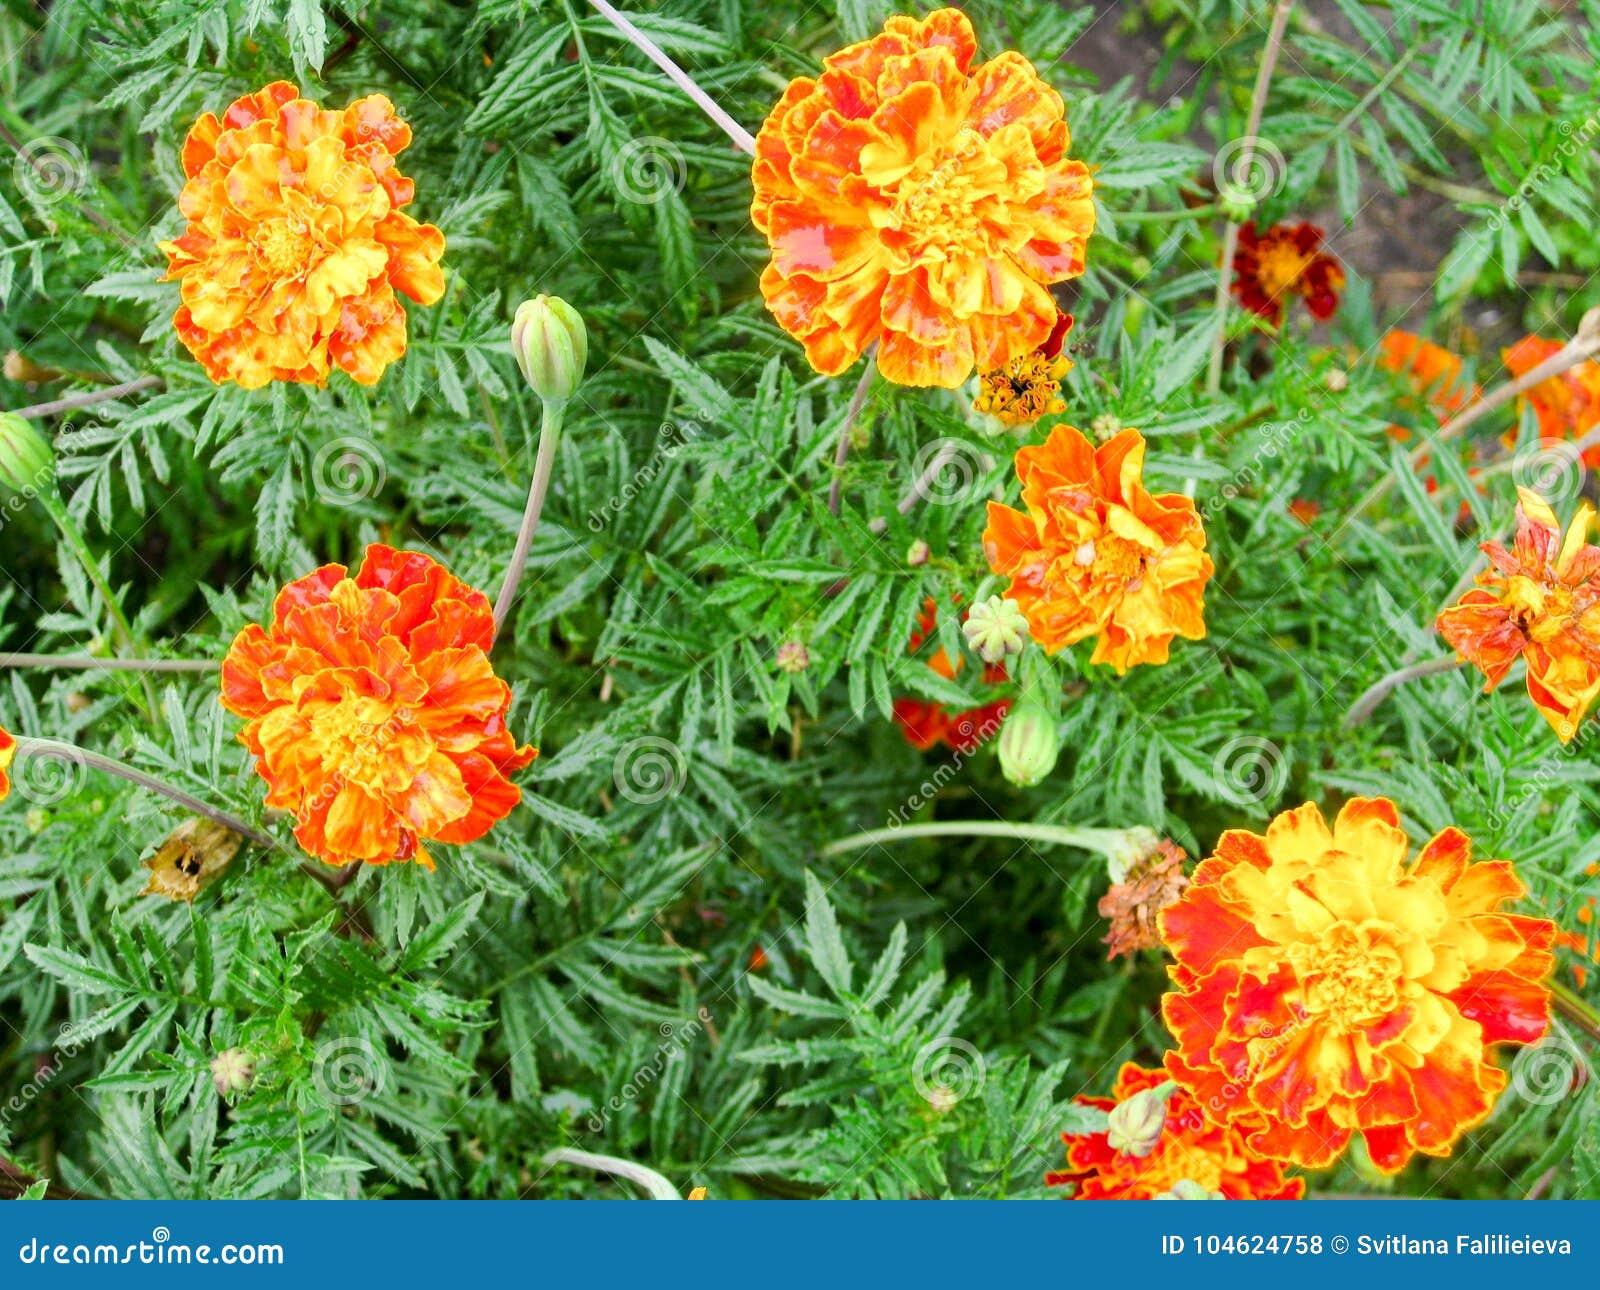 Flowers Of Tagetes National Symbol Of Ukraine Stock Photo Image